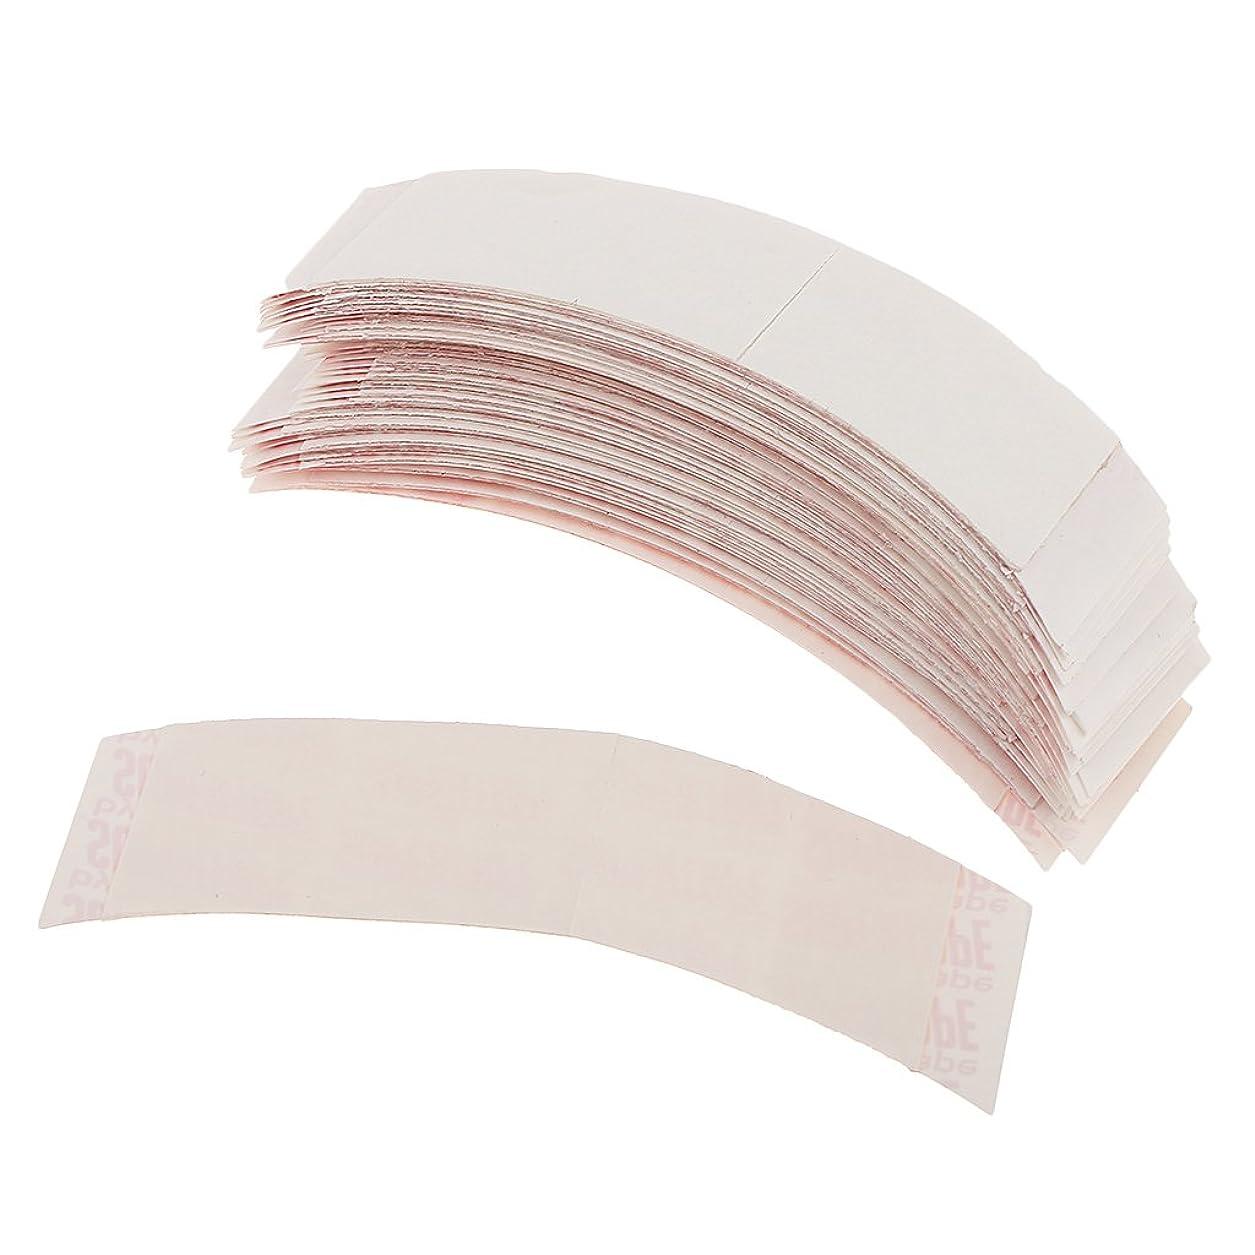 先にハンバーガー主権者SONONIA ヘアエクステンション ヘアエクス レース ヘアスタイリング 高品質 長持ち かつら 約36個 両面接着テープ